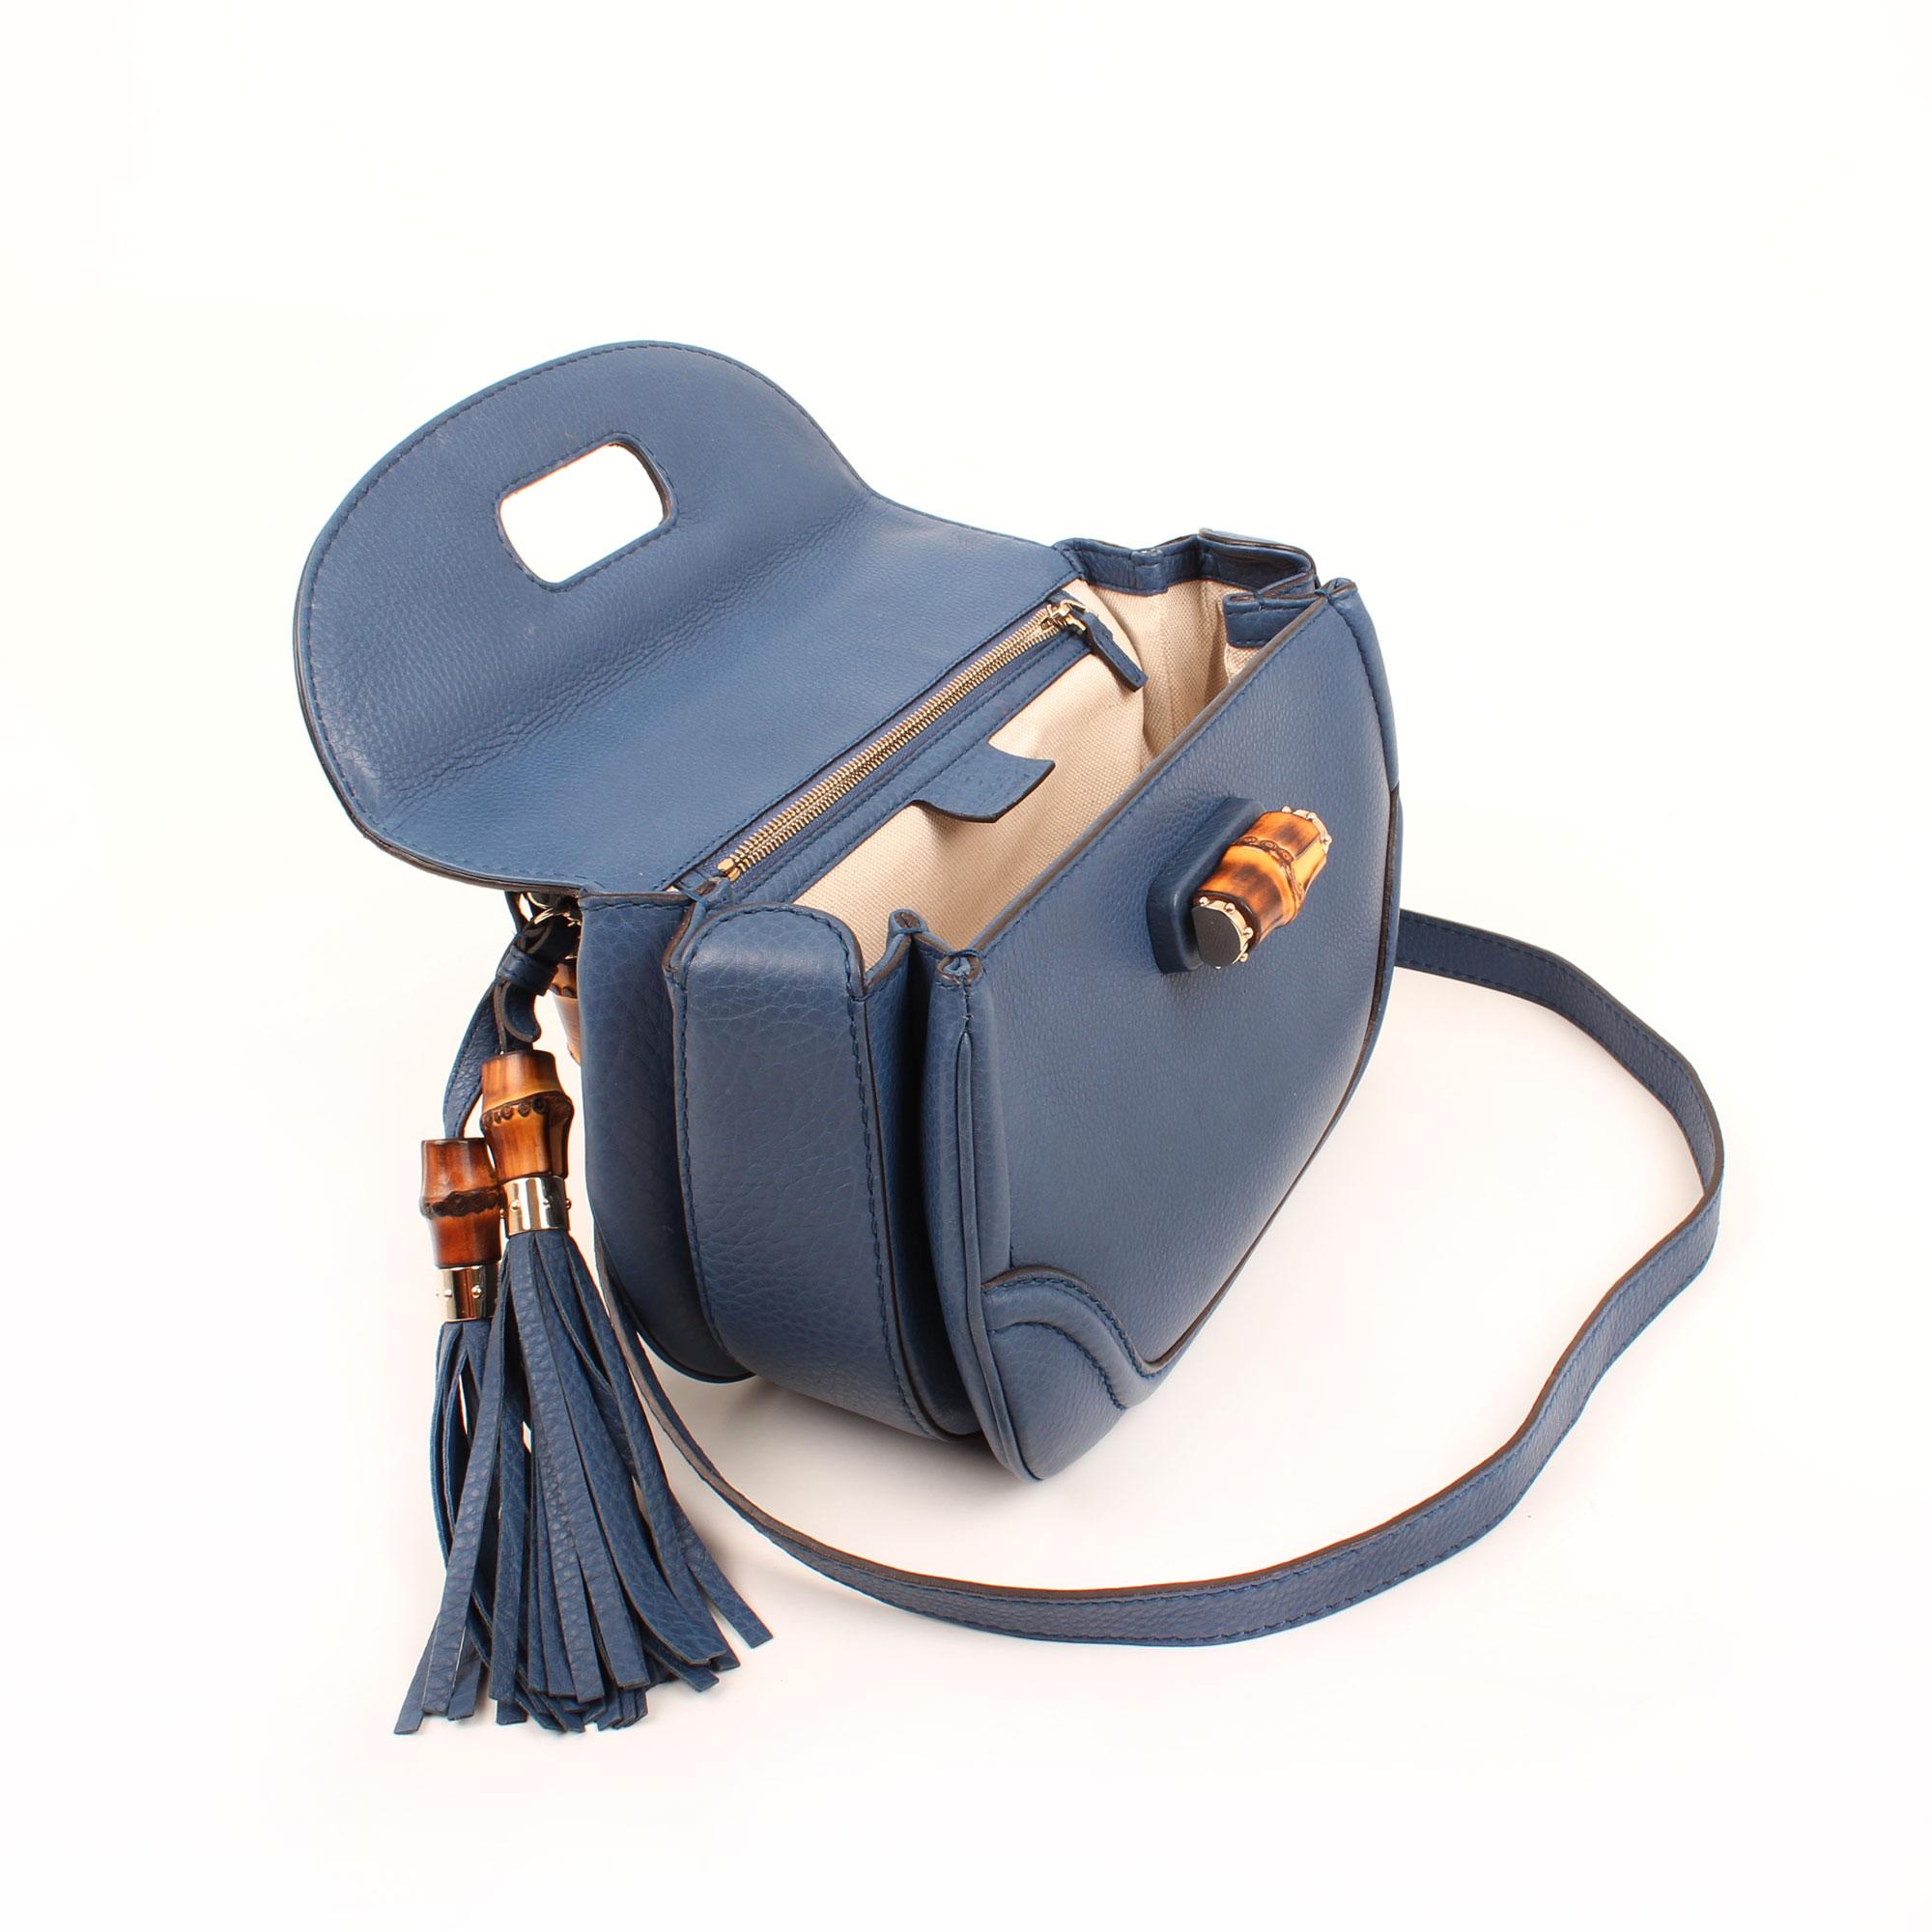 Imagen del bolso abierto del bolso gucci new bamboo mediano azul abierto